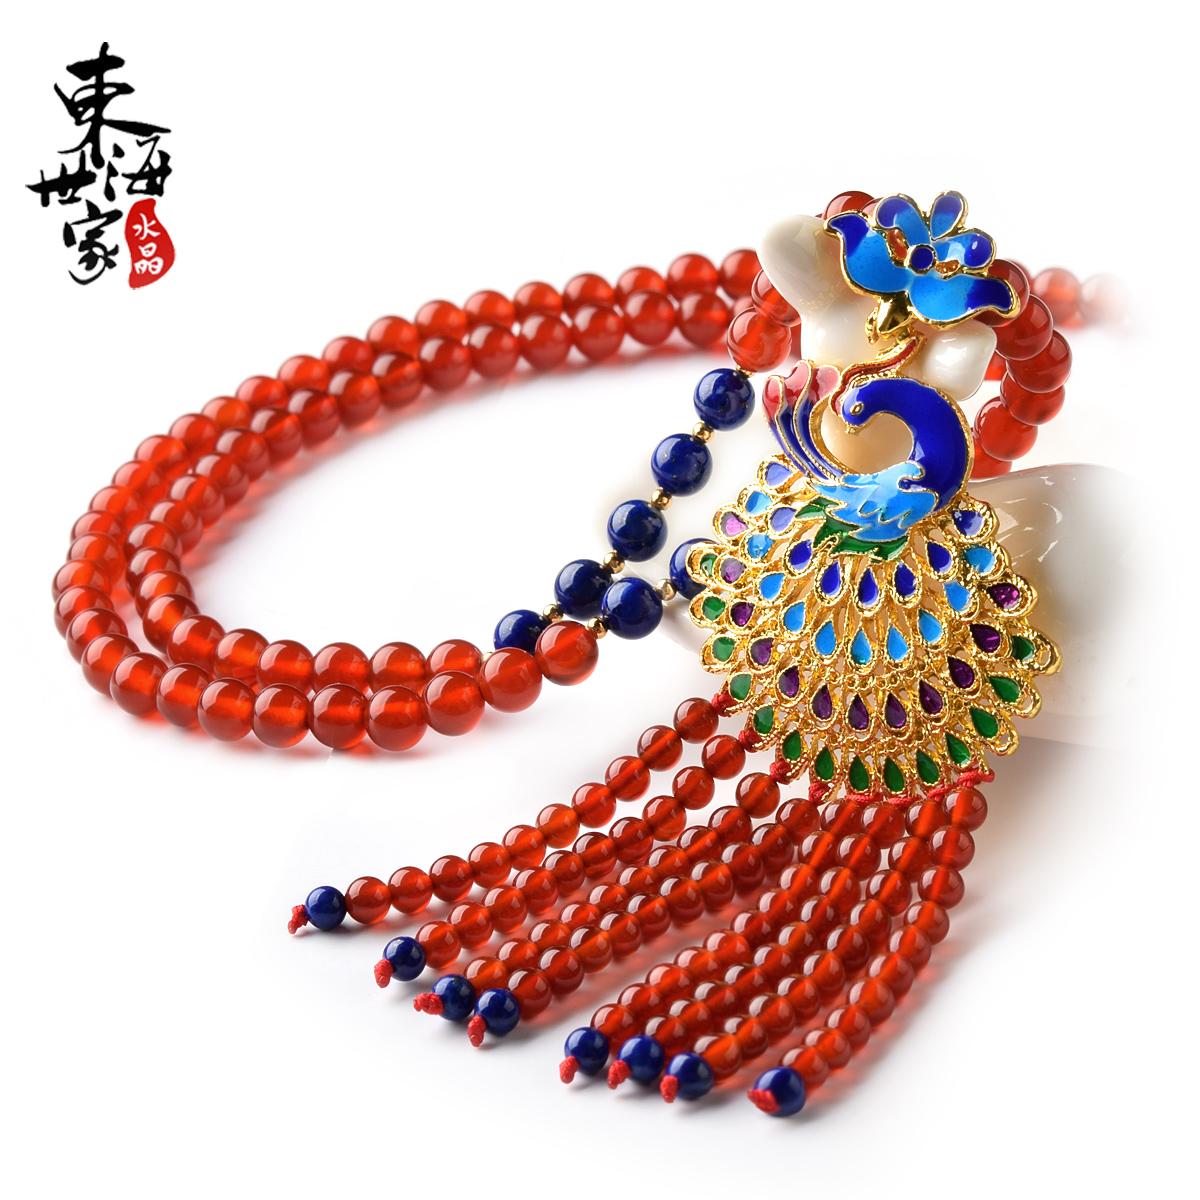 东海世家石榴石毛衣链项链女 红玛瑙毛衣链吊坠水晶时尚饰品礼物